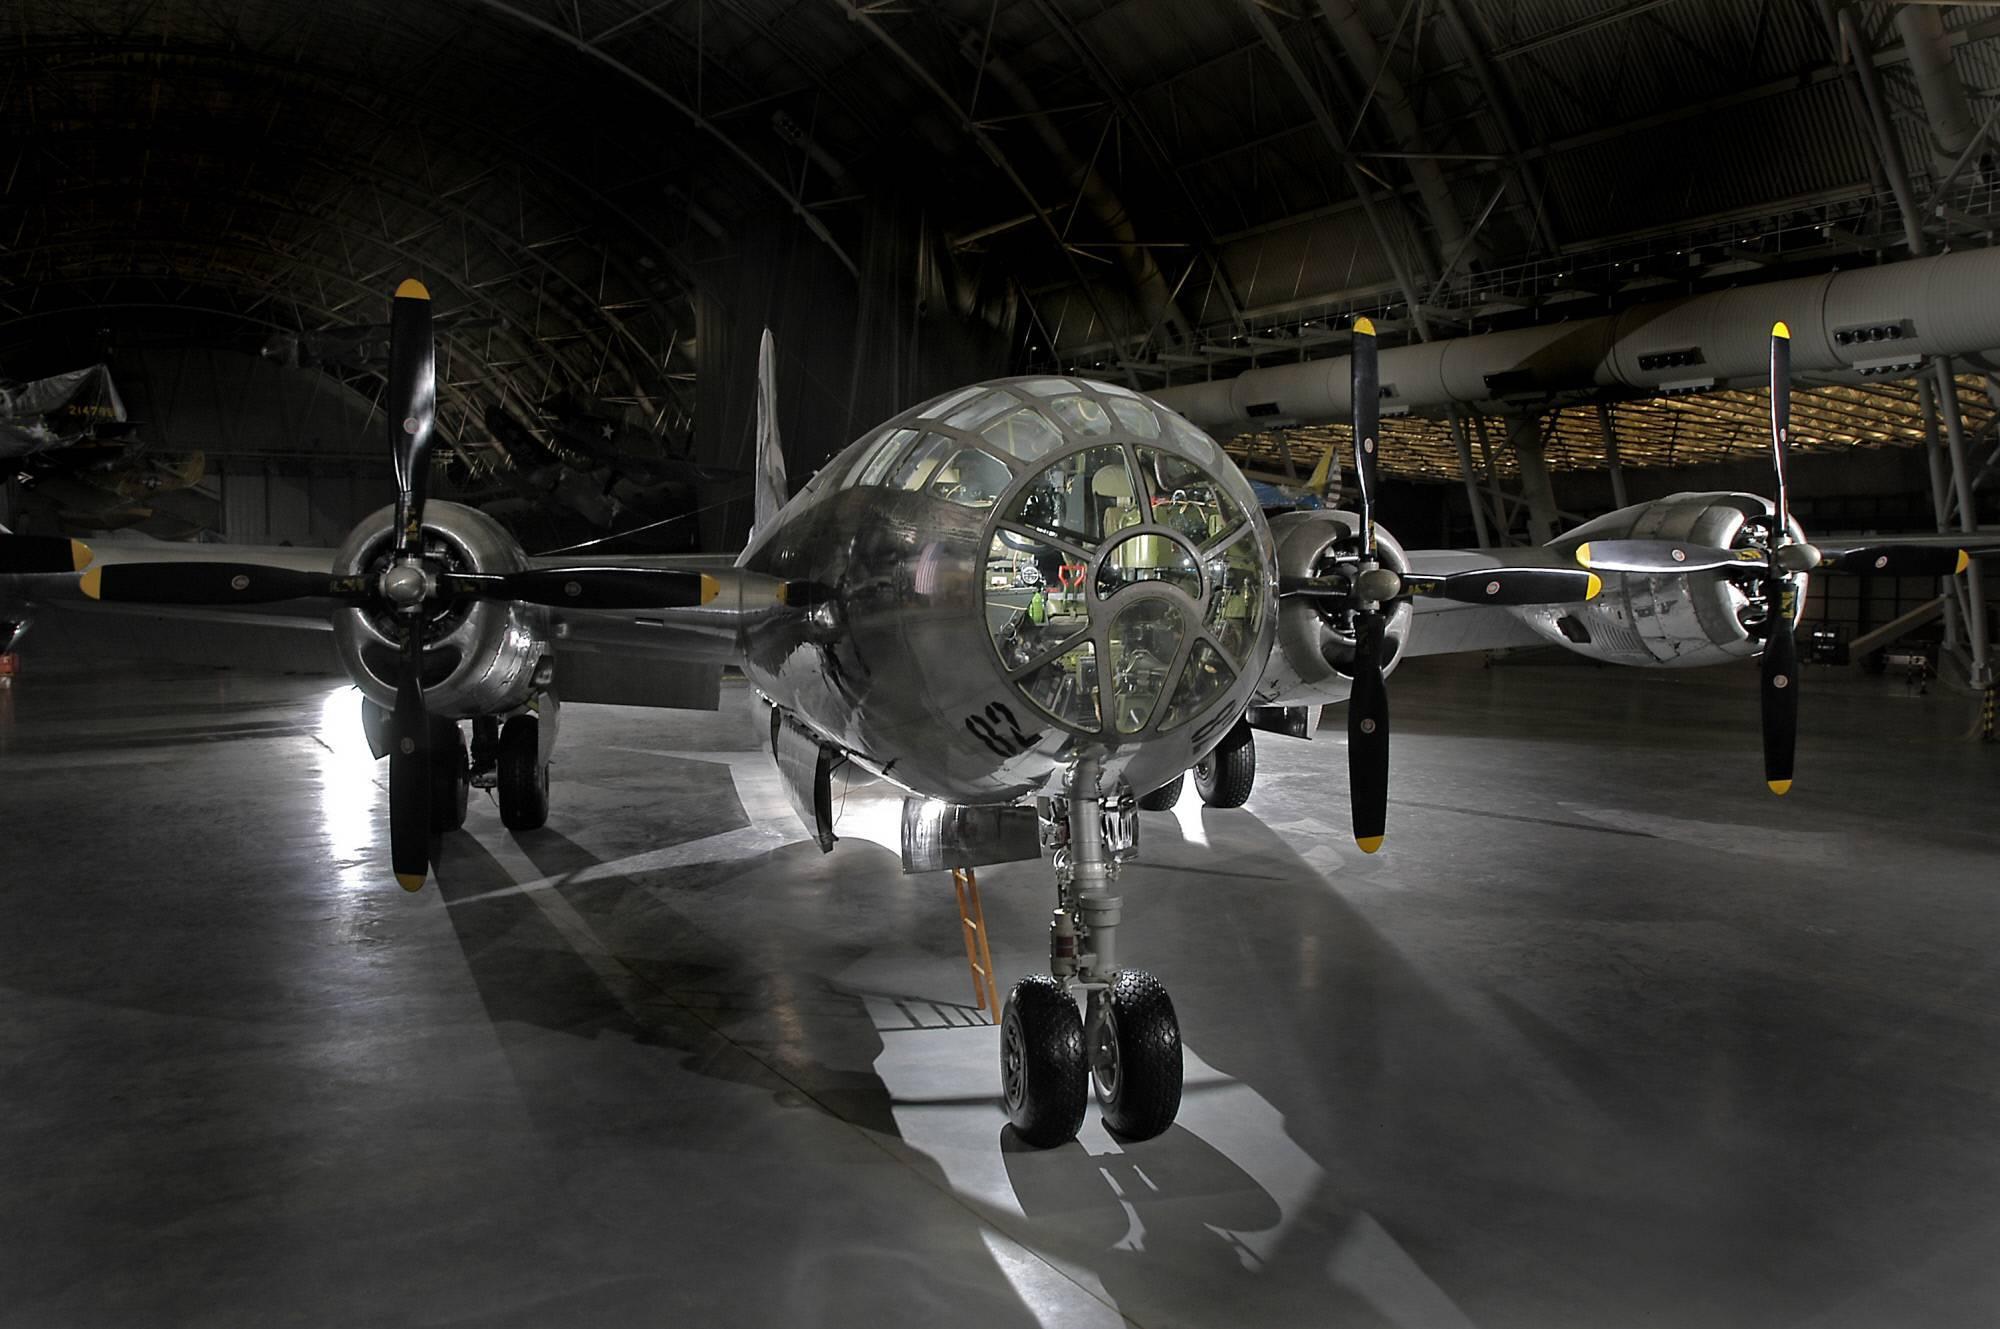 'боинг' b-17 'летающая крепость' - боевое применение